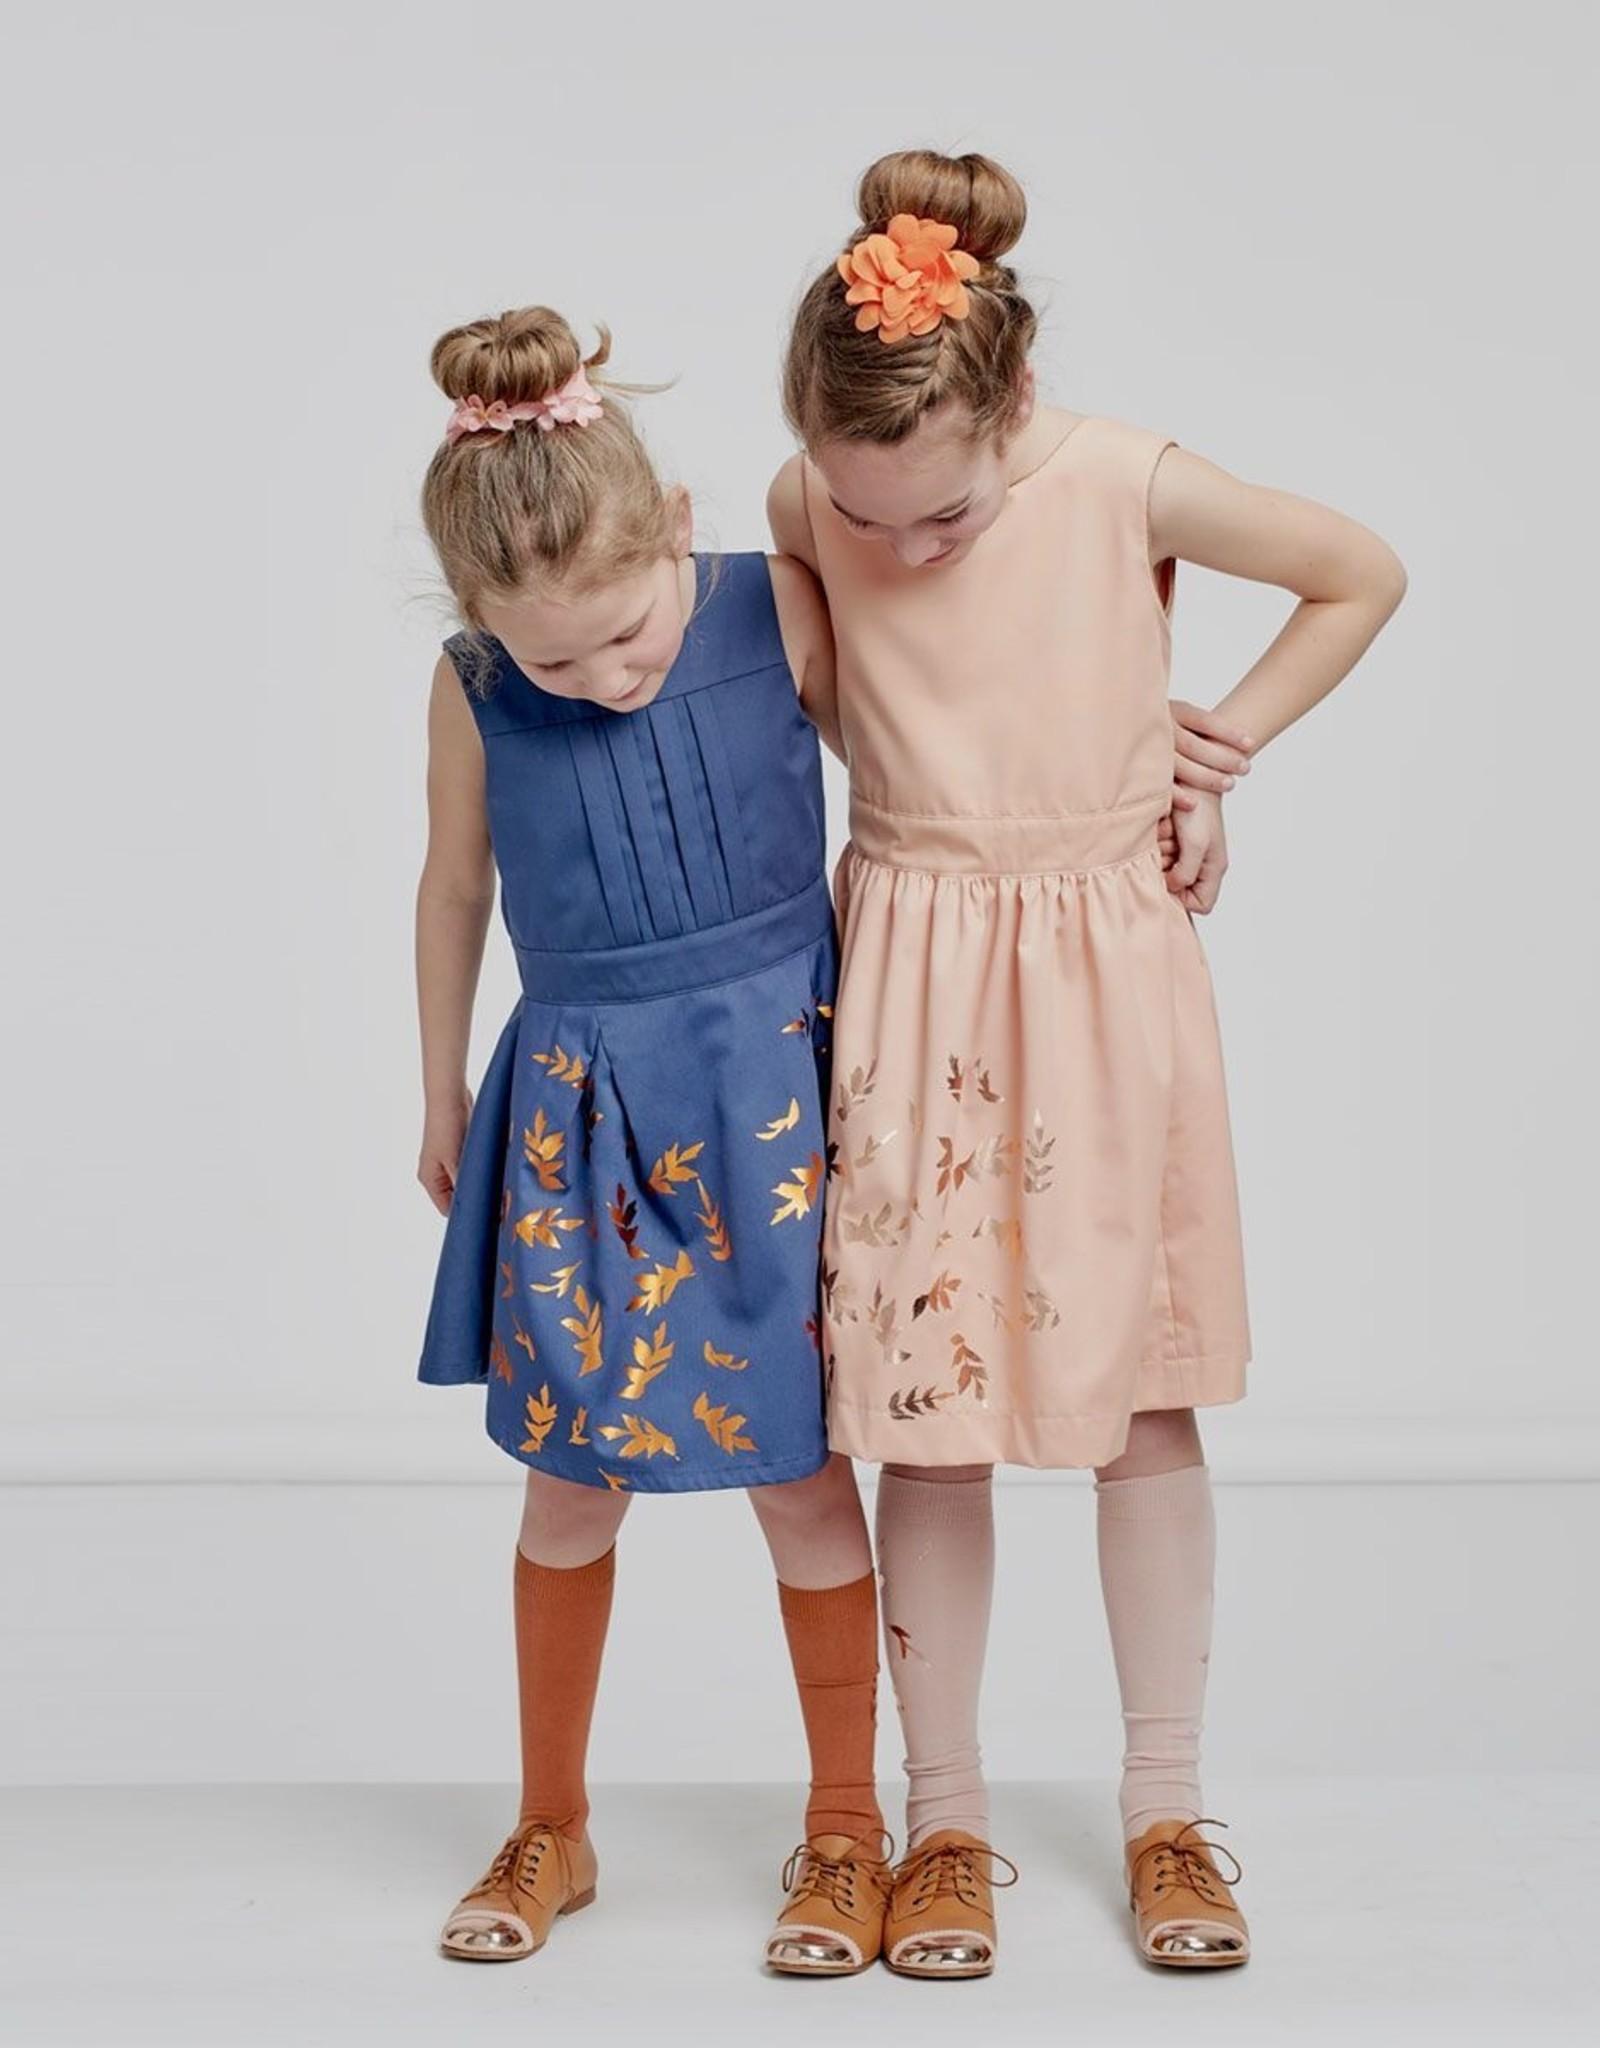 Lotte Martens Paneel Silva 012 kids